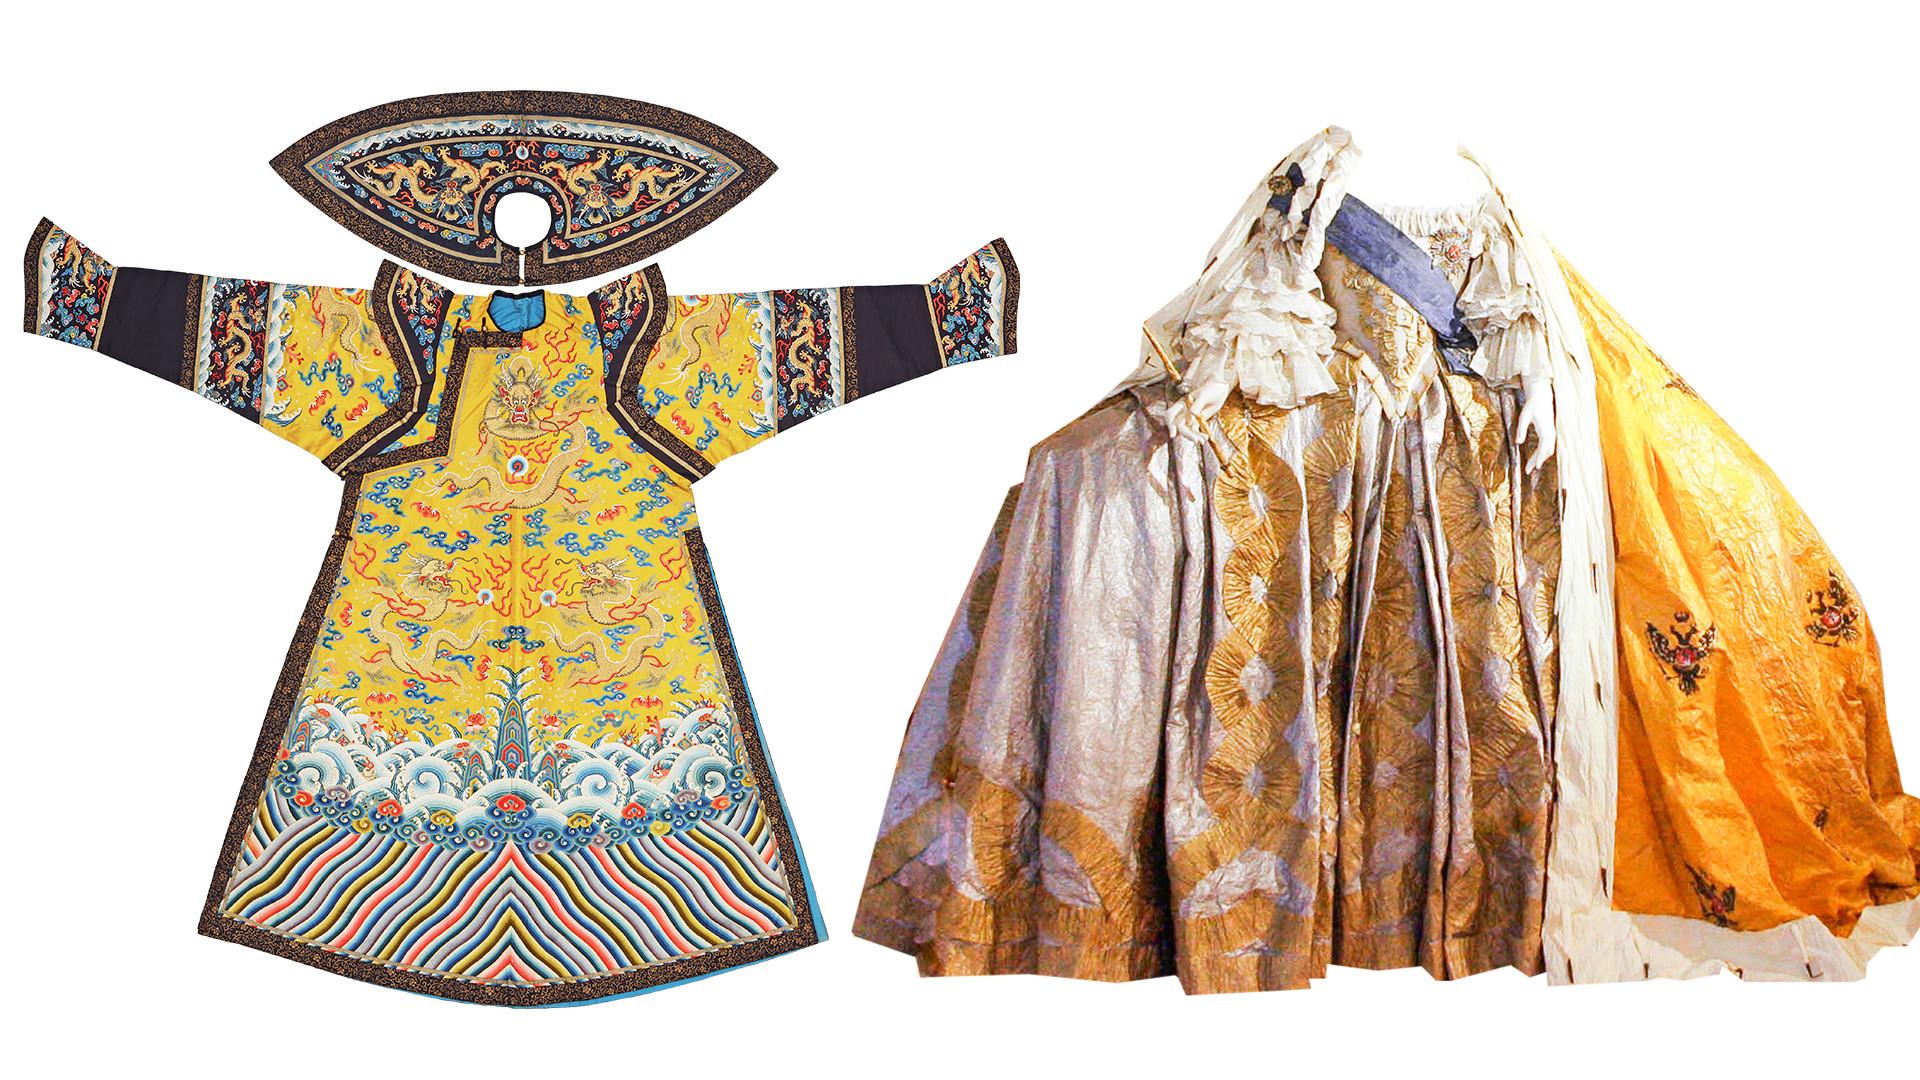 Слева: Парадное одеяние императрицы – халат чаопао. Эпоха Цин, правление Цяньлун (1736–1796). Справа: Коронационное платье Елизаветы Петровны